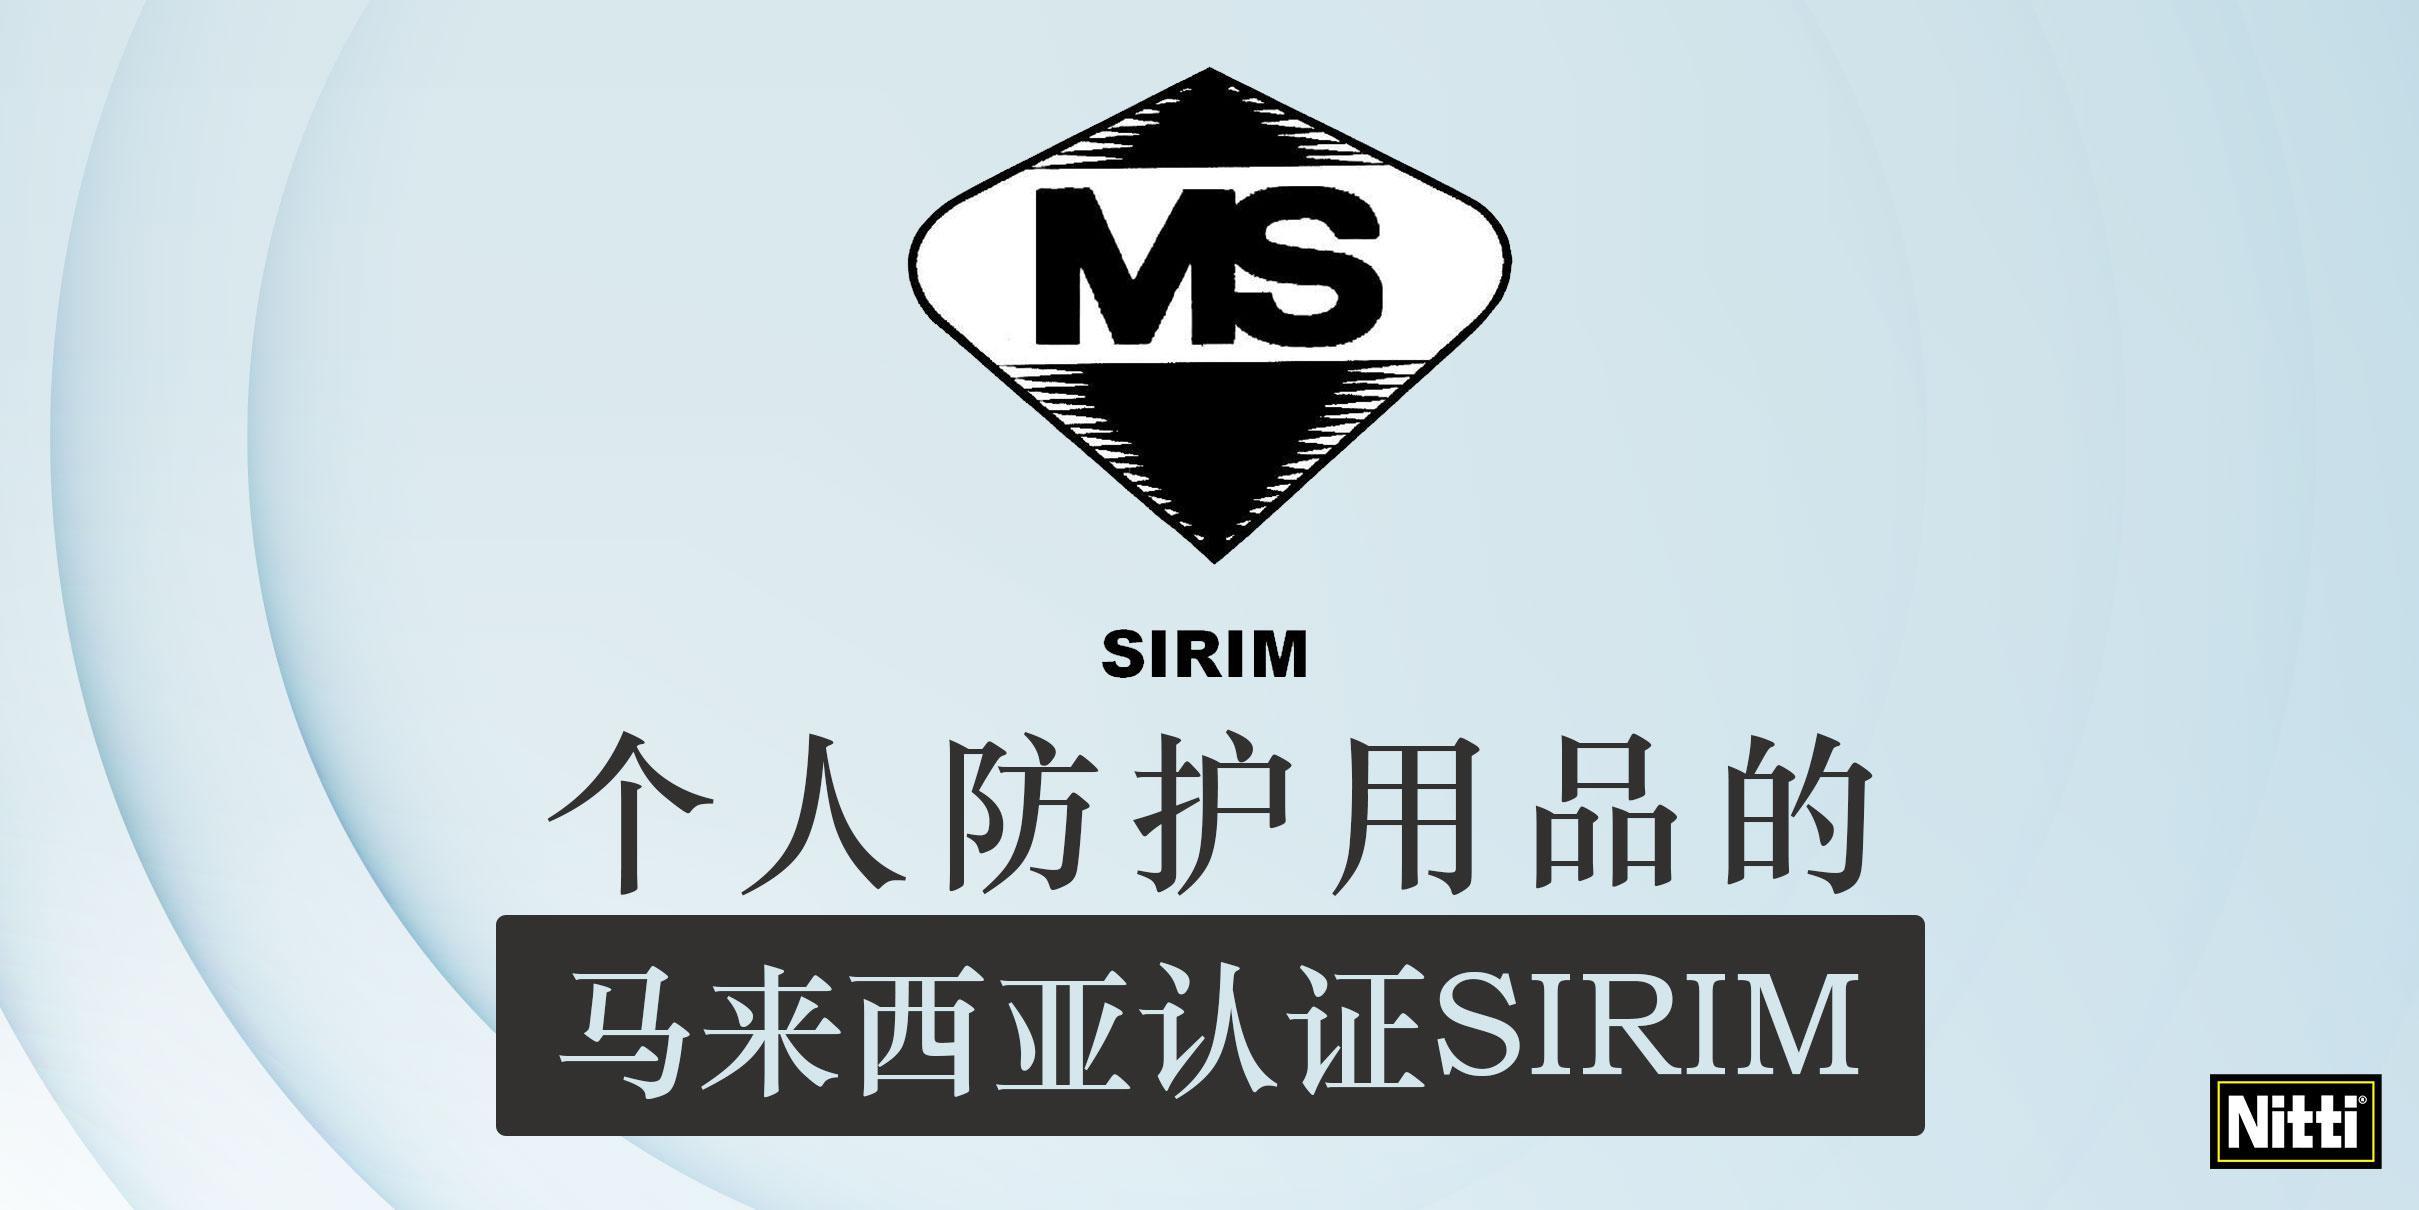 个人防护用品的马来西亚认证SIRIM